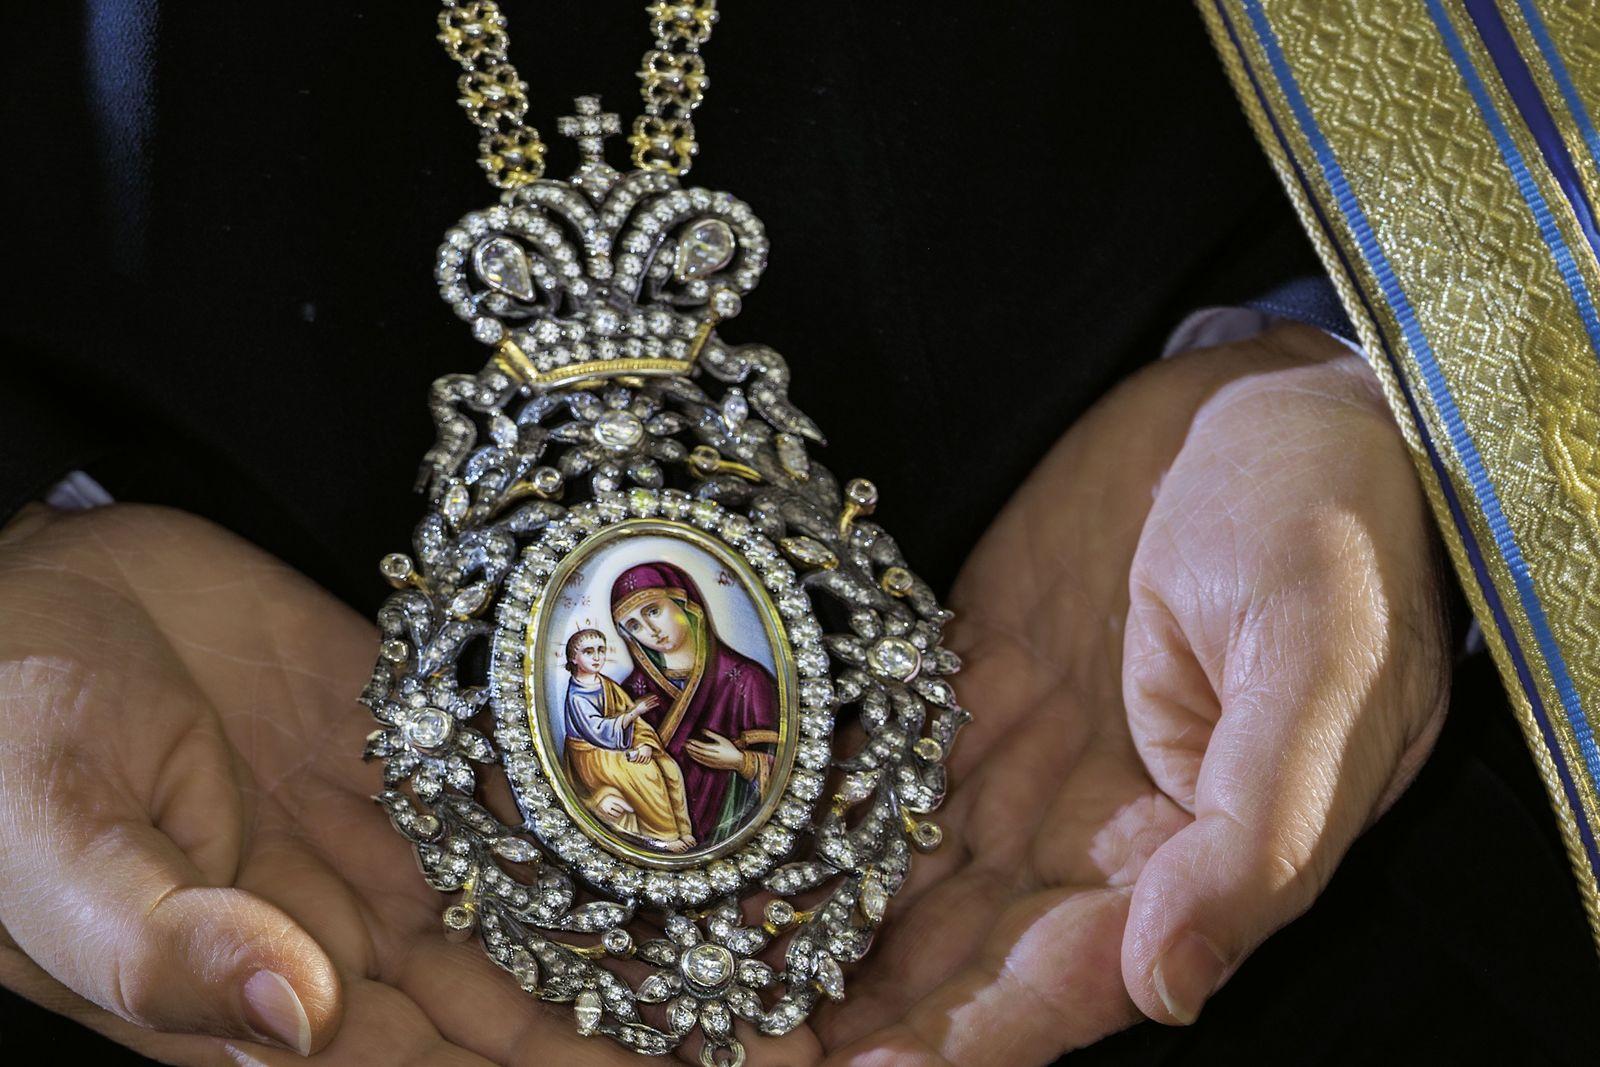 Ikone mit der Jungfrau Maria und dem Jesuskind